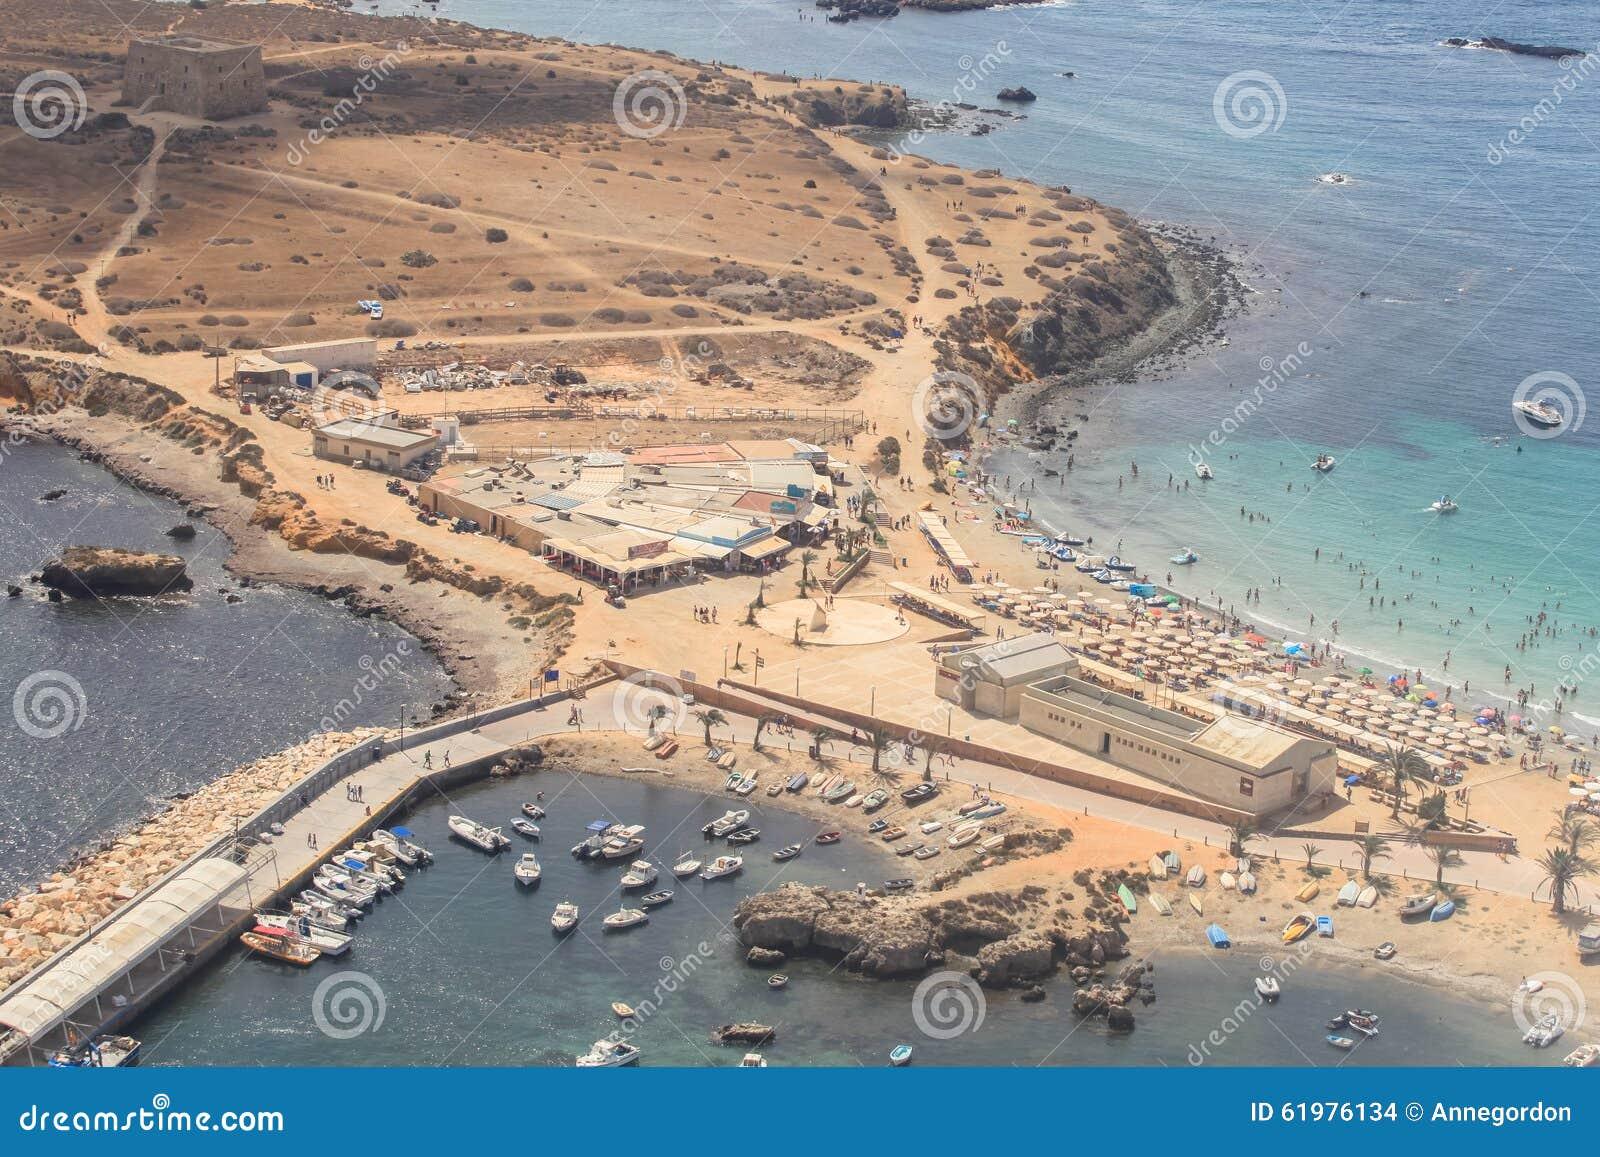 Tabarca island in alicante spain stock photo image of pattern clean 61976134 - Stock uno alicante ...